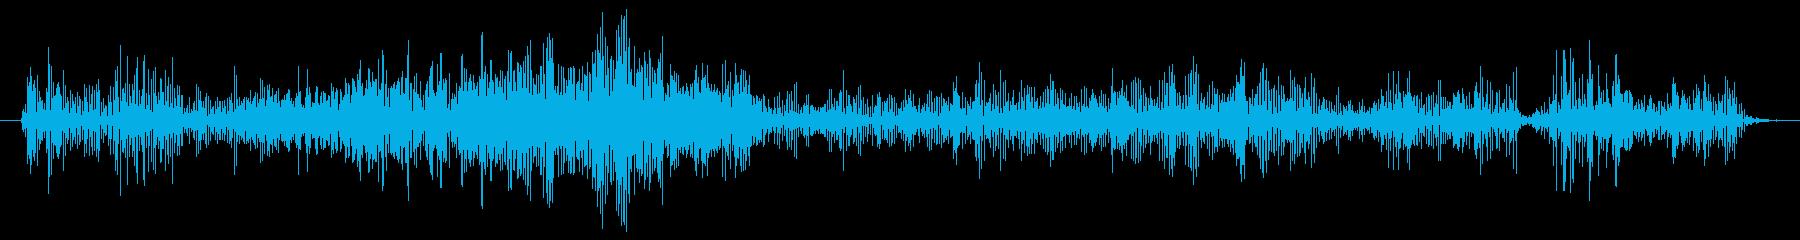 ノイズ ランブルグリッチロング03の再生済みの波形